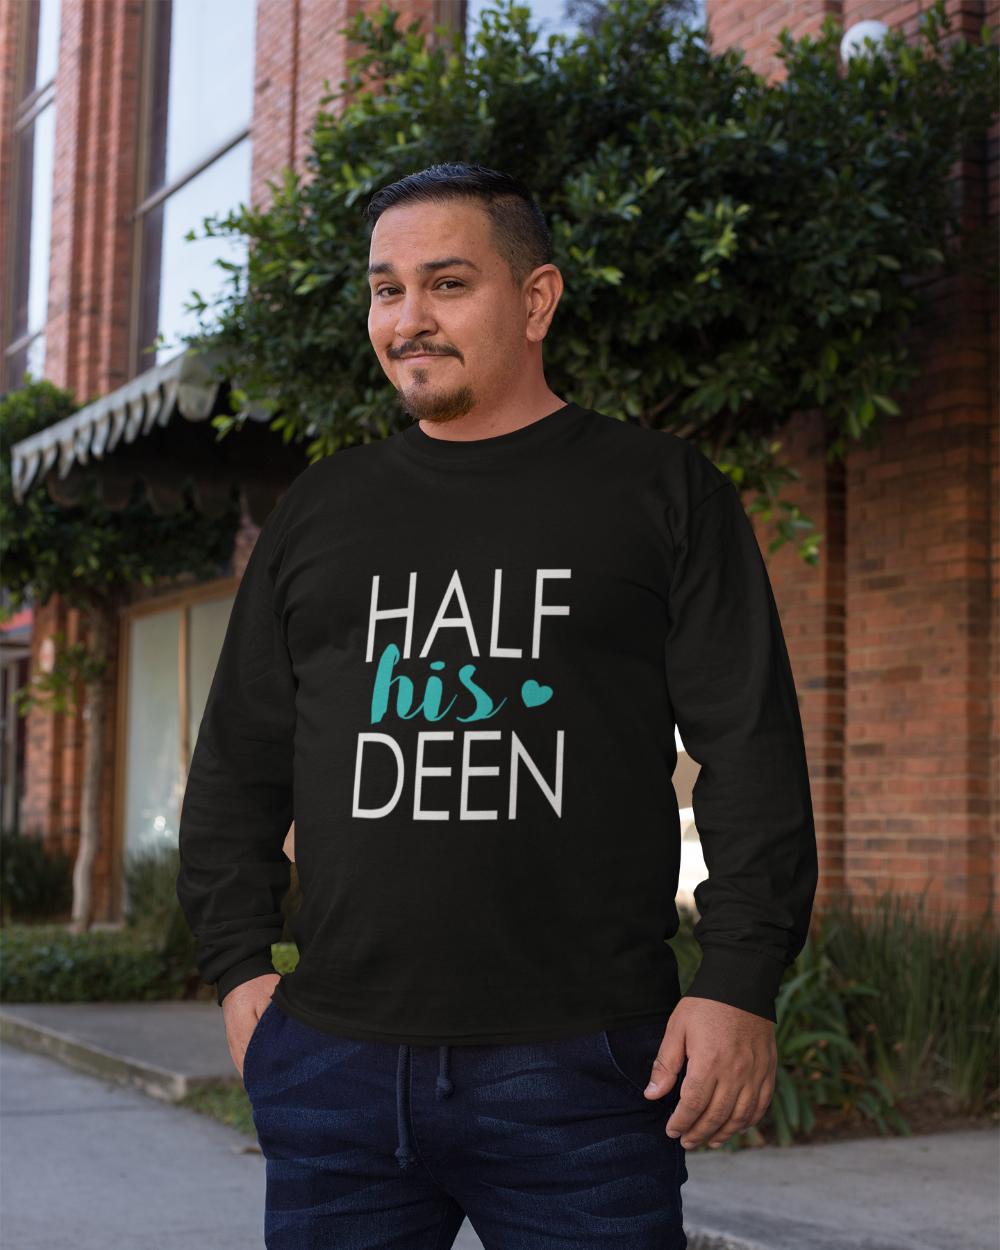 half his deen